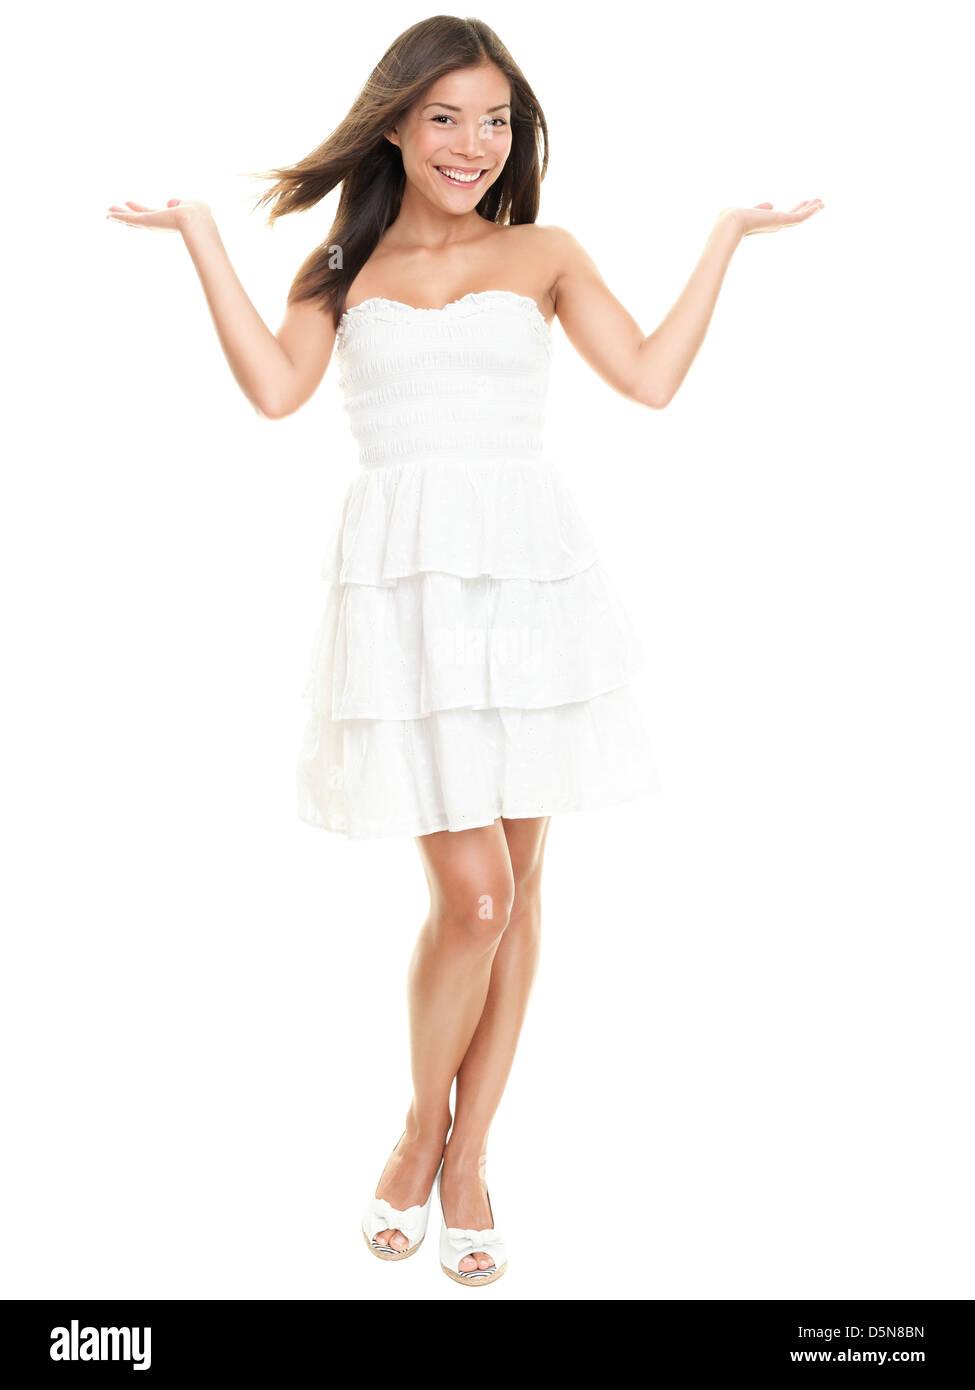 5e0f1164c490 Ritratto di bella felice razza mista giovane donna in bianco abiti estivi  che mostra a mani